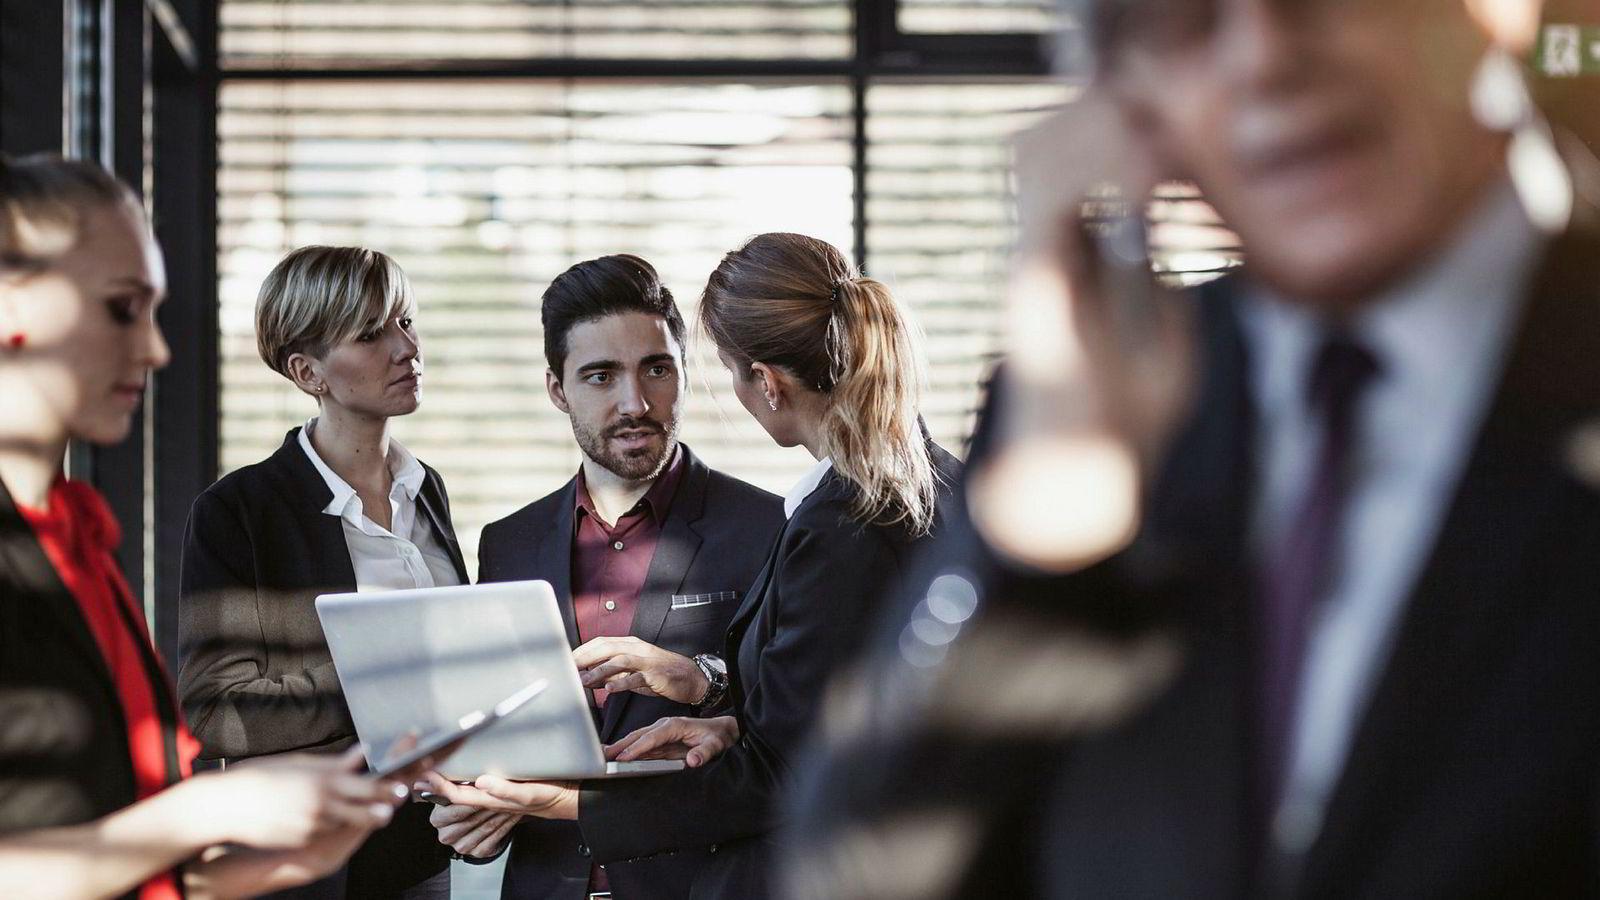 Personer med ikke-norske navn kan fortsatt oppleve at de ikke blir kalt inn til jobbintervjuer til tross for riktig formell kompetanse.